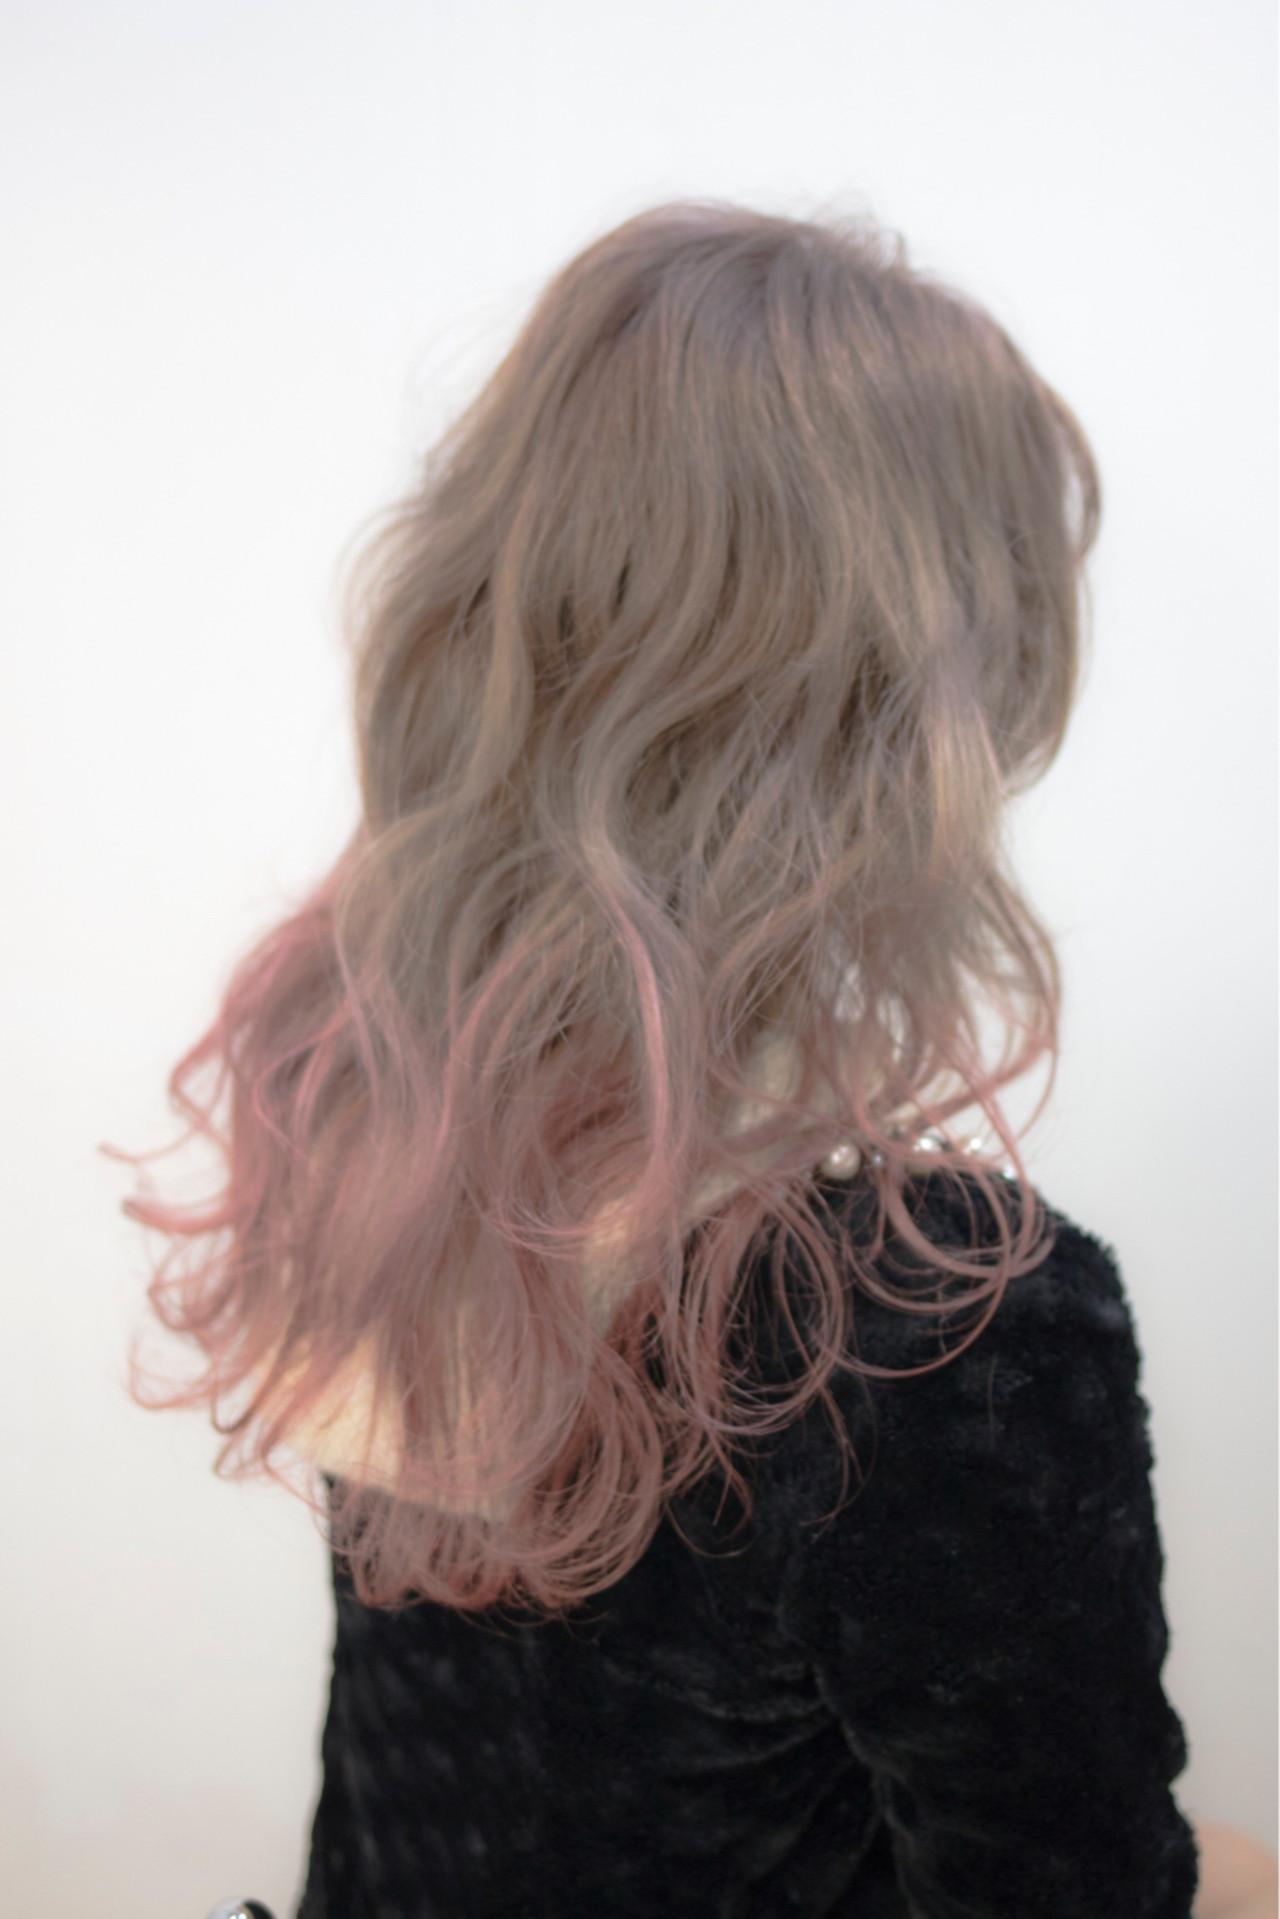 透明感 おフェロ ストリート セミロング ヘアスタイルや髪型の写真・画像